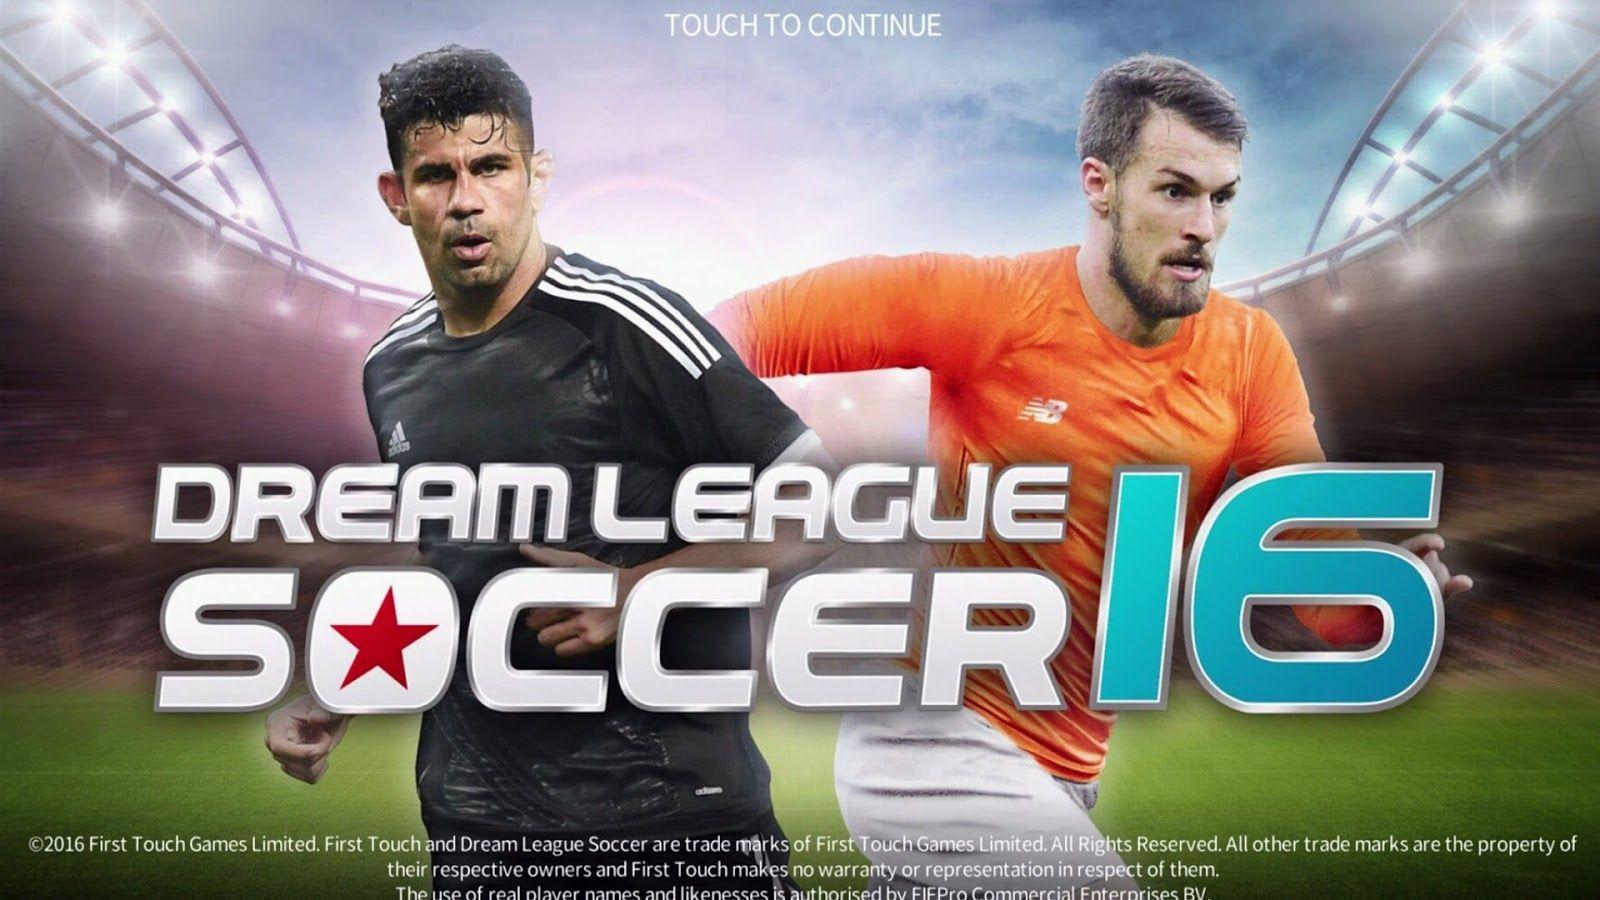 تحميل لعبة دريم ليج سوكر Dream League Soccer 2016 للأندرويد تحميل لعبة دريم ليج Ios Games Multiplayer Games Download Games